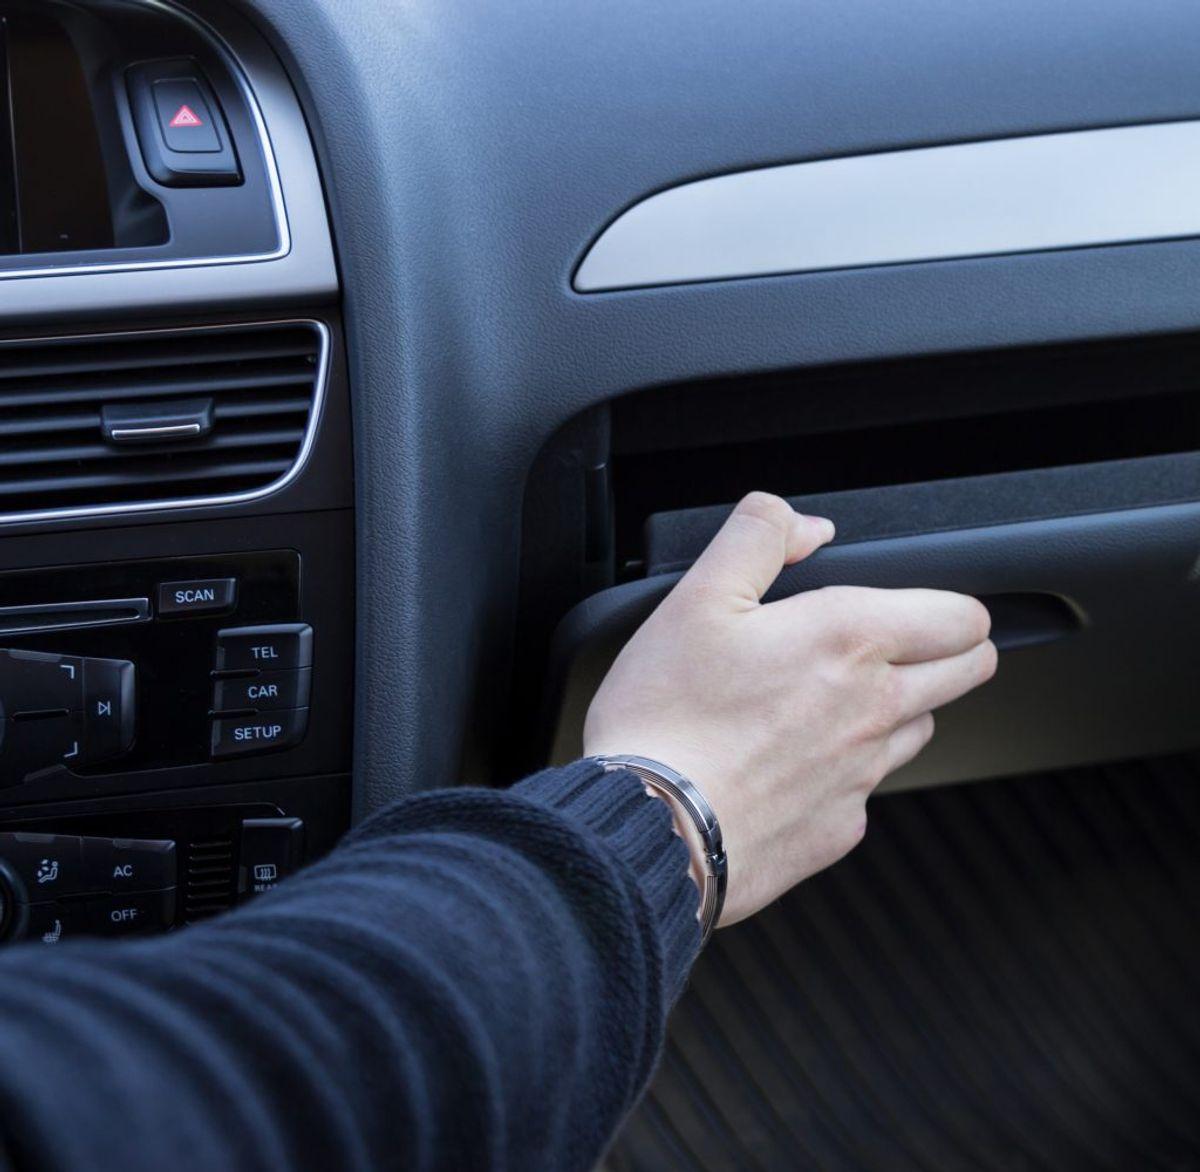 Finder ting frem eller lægger ting til side i bilen: 23 procent. Foto: Scanpix